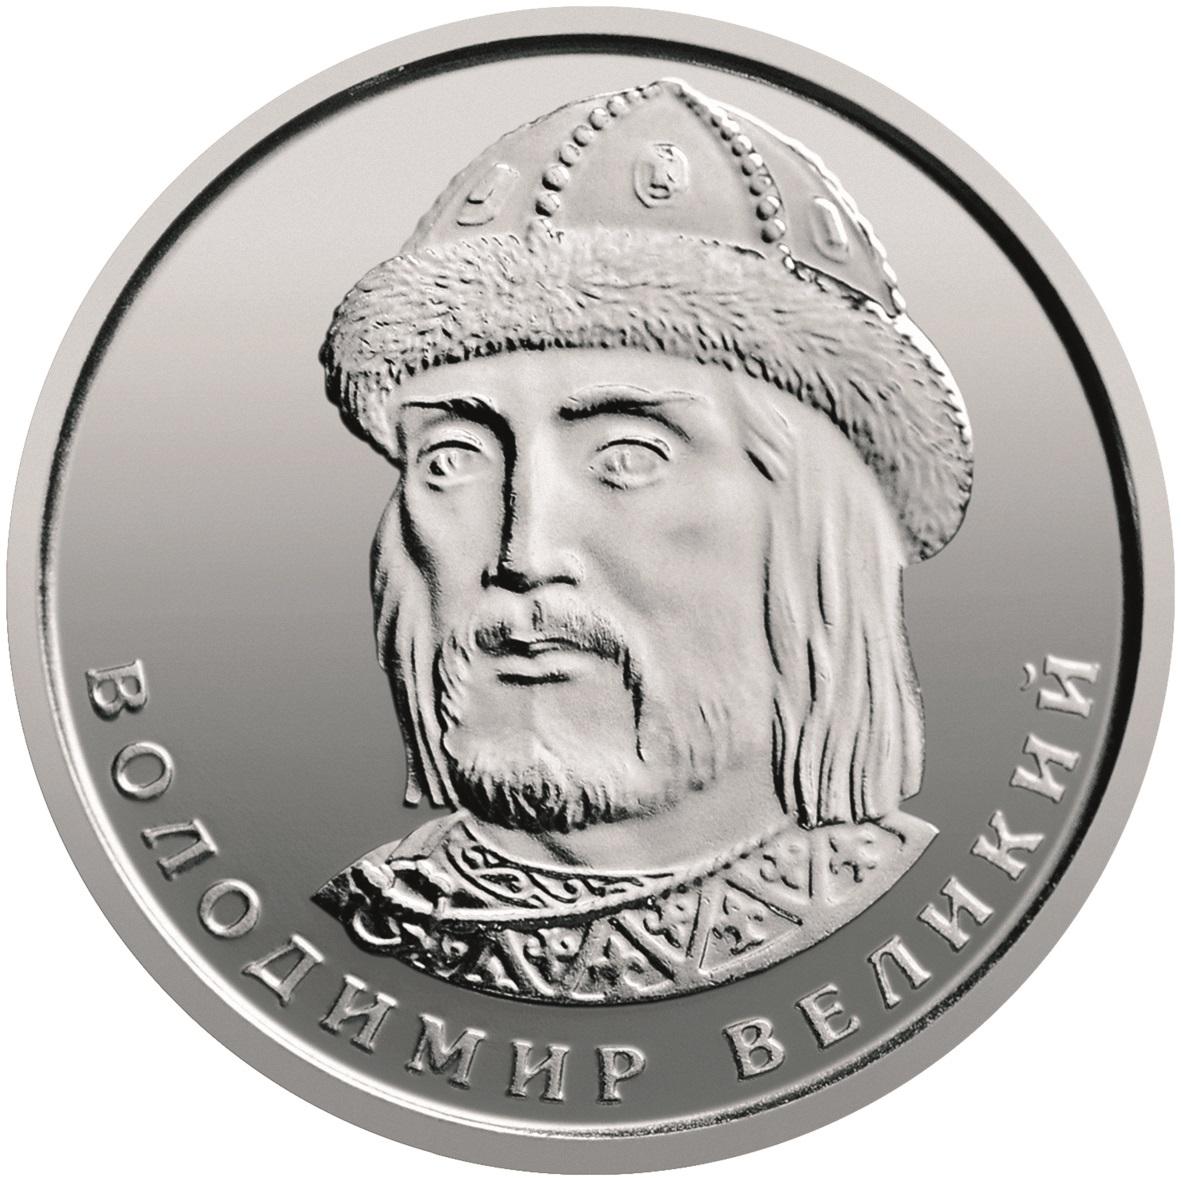 1 hryvnia coin of Ukraine, 2018 (reverse).jpg